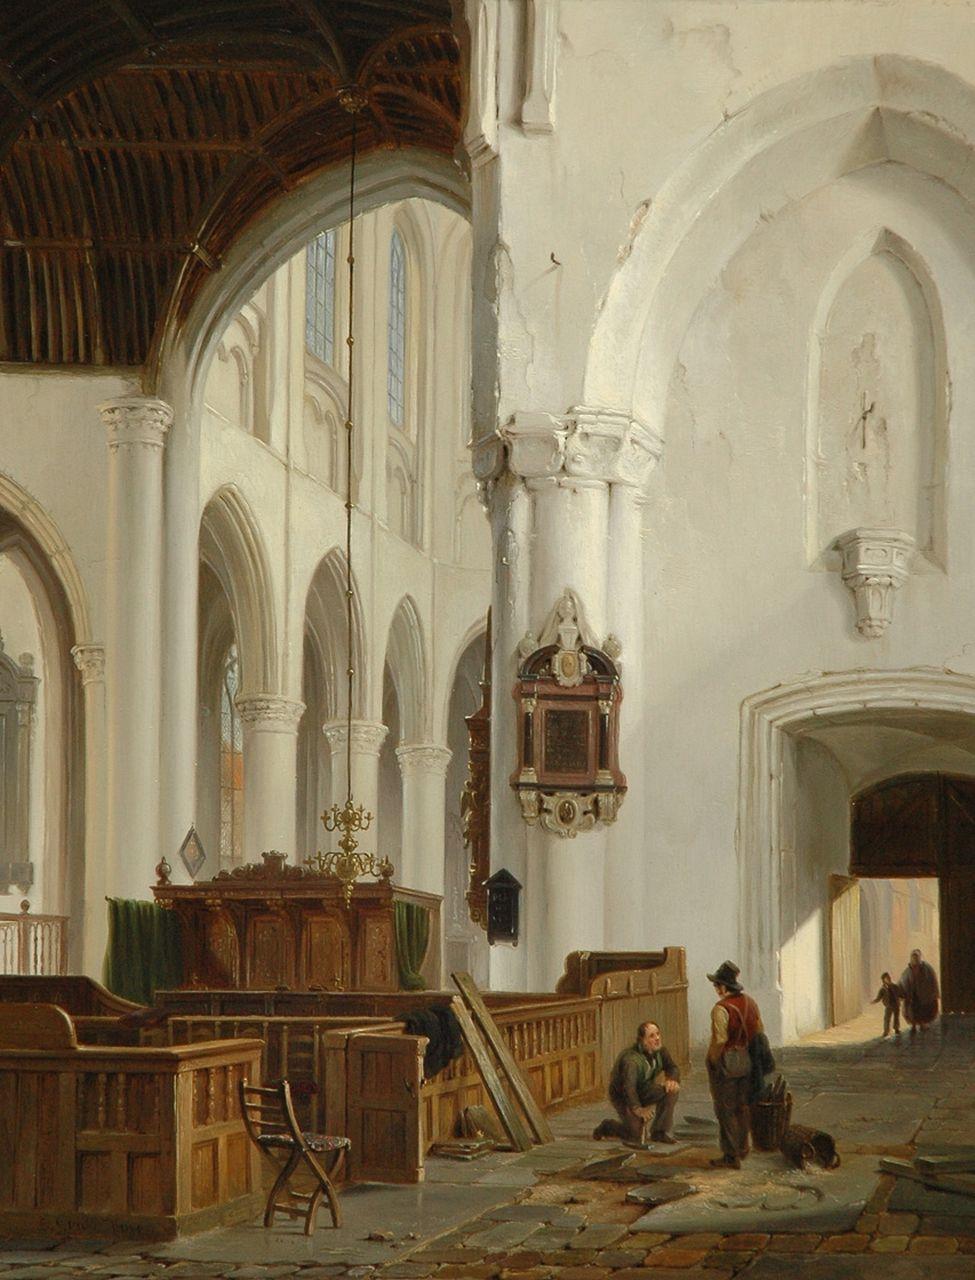 hove bj van bartholomeus johannes bart van hove interieur van de grote kerk in den